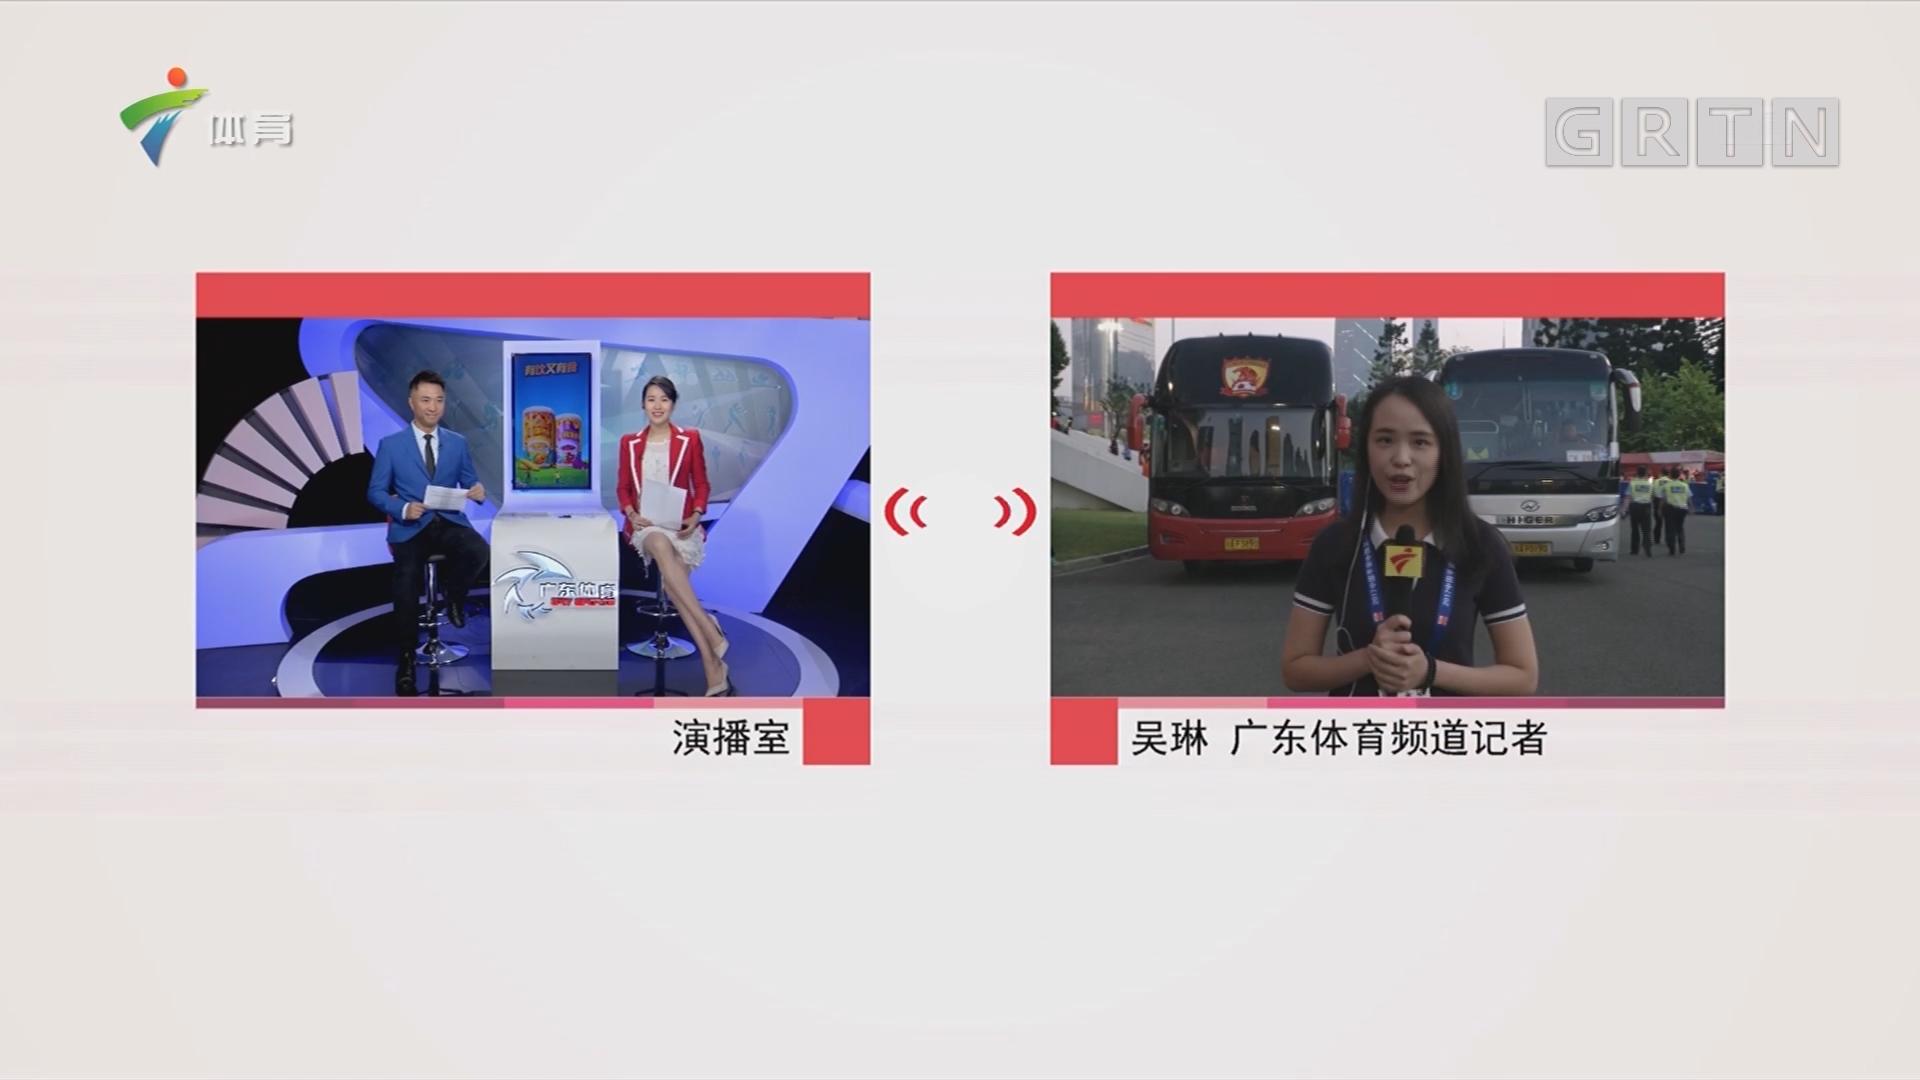 广州恒大淘宝vs贵州恒丰智诚 赛前现场最新情况